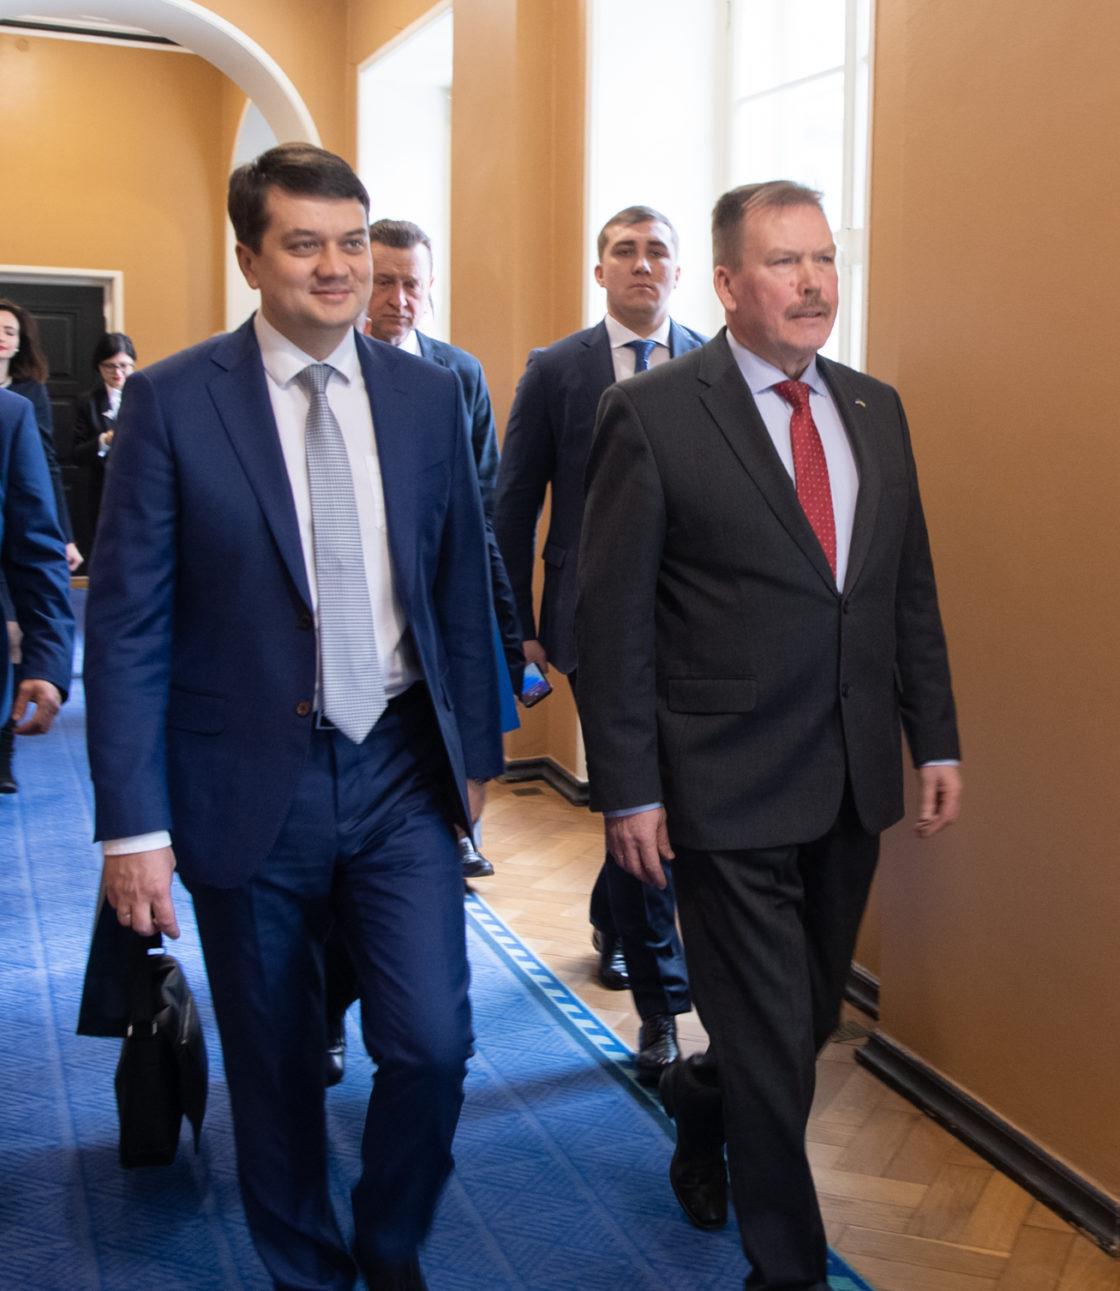 Eesti-Ukraina parlamendirühma esimees Johannes Kert ja Ukraina Ülemraada esimees Dmõtro Razumkov